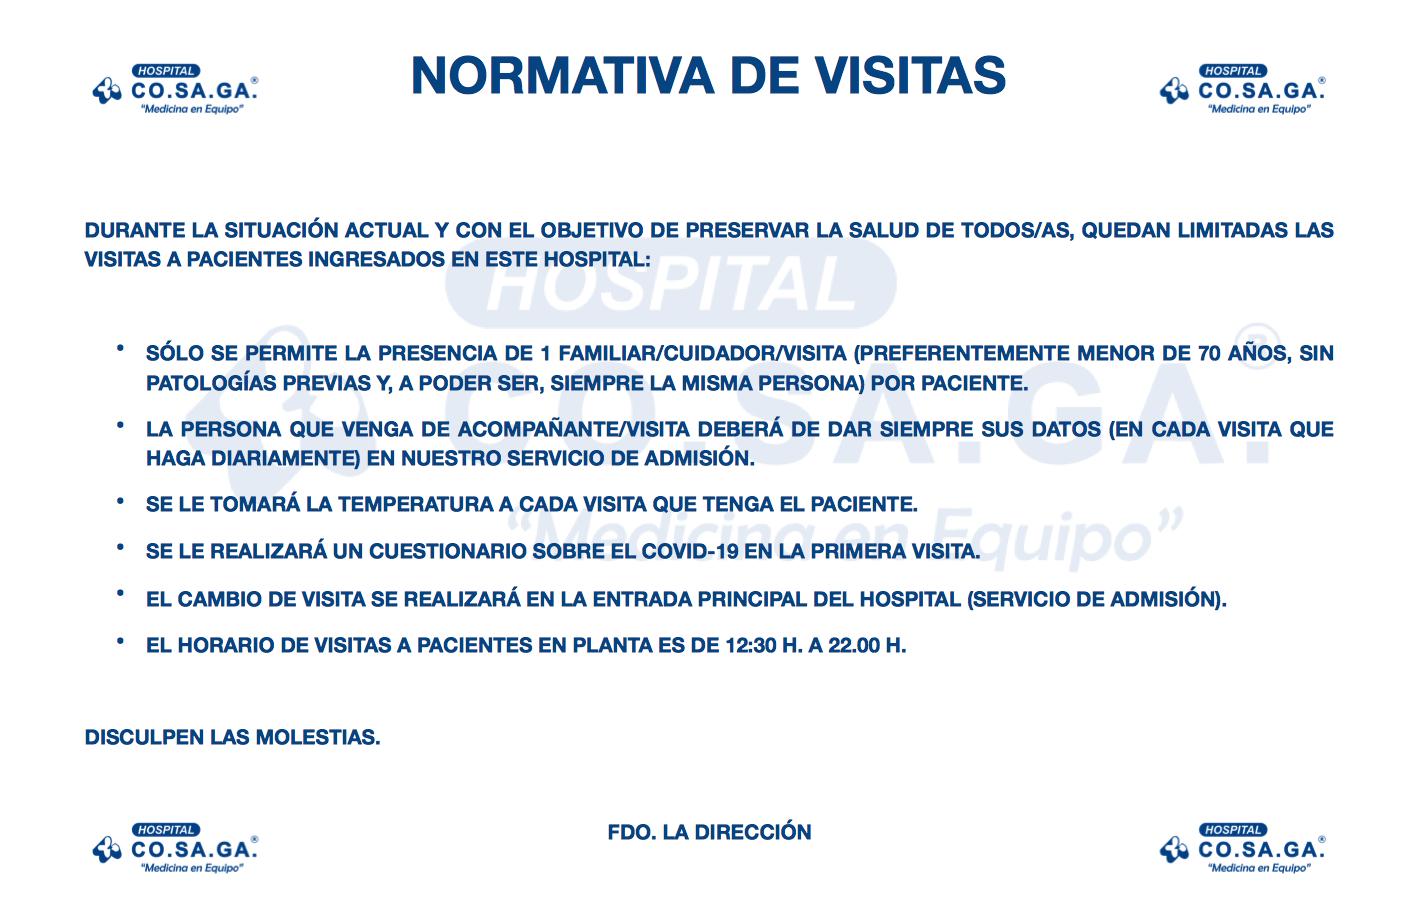 Nueva normativa de visitas del Hospital Cosaga